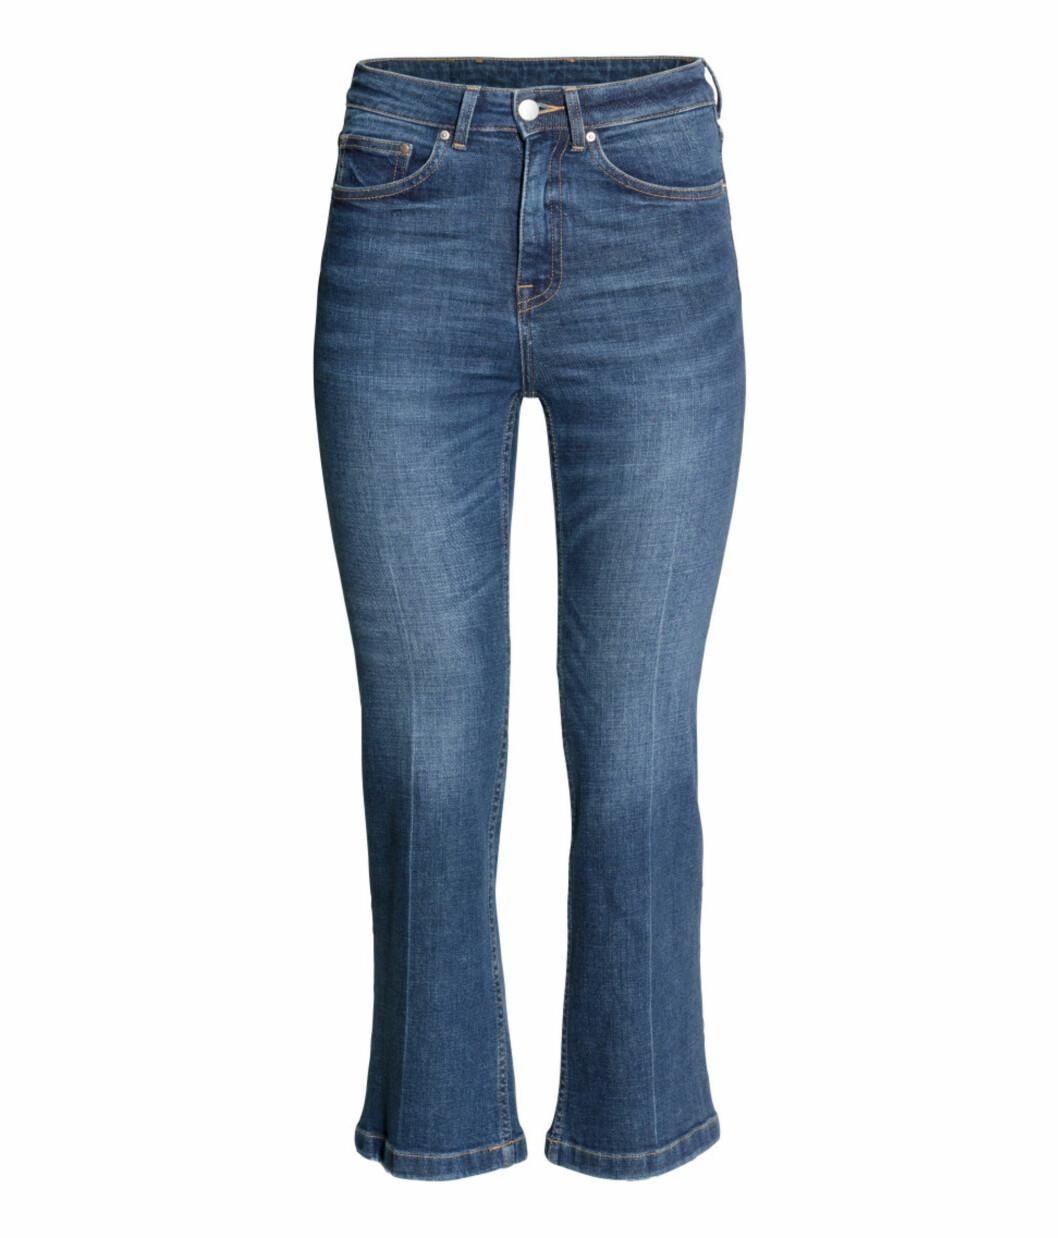 Jeans fra H&M, kr 150. Foto: Produsenten